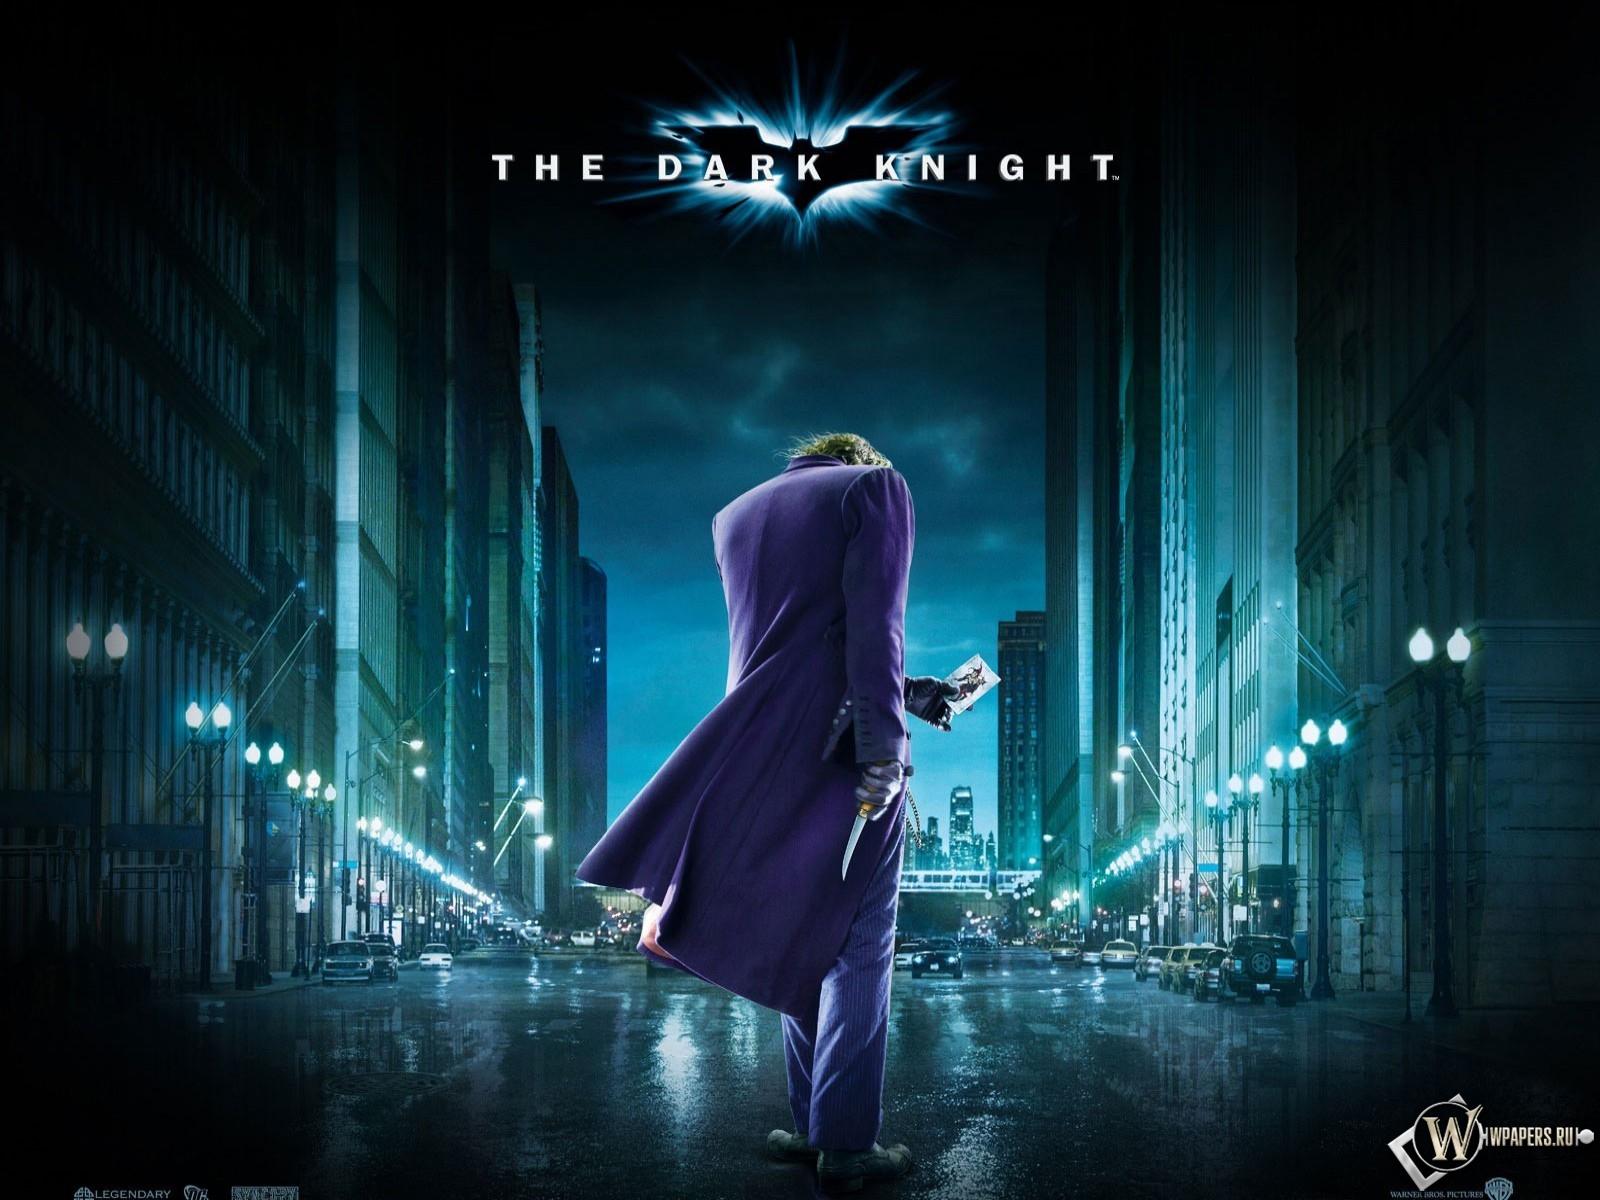 The Dark Knight 1600x1200